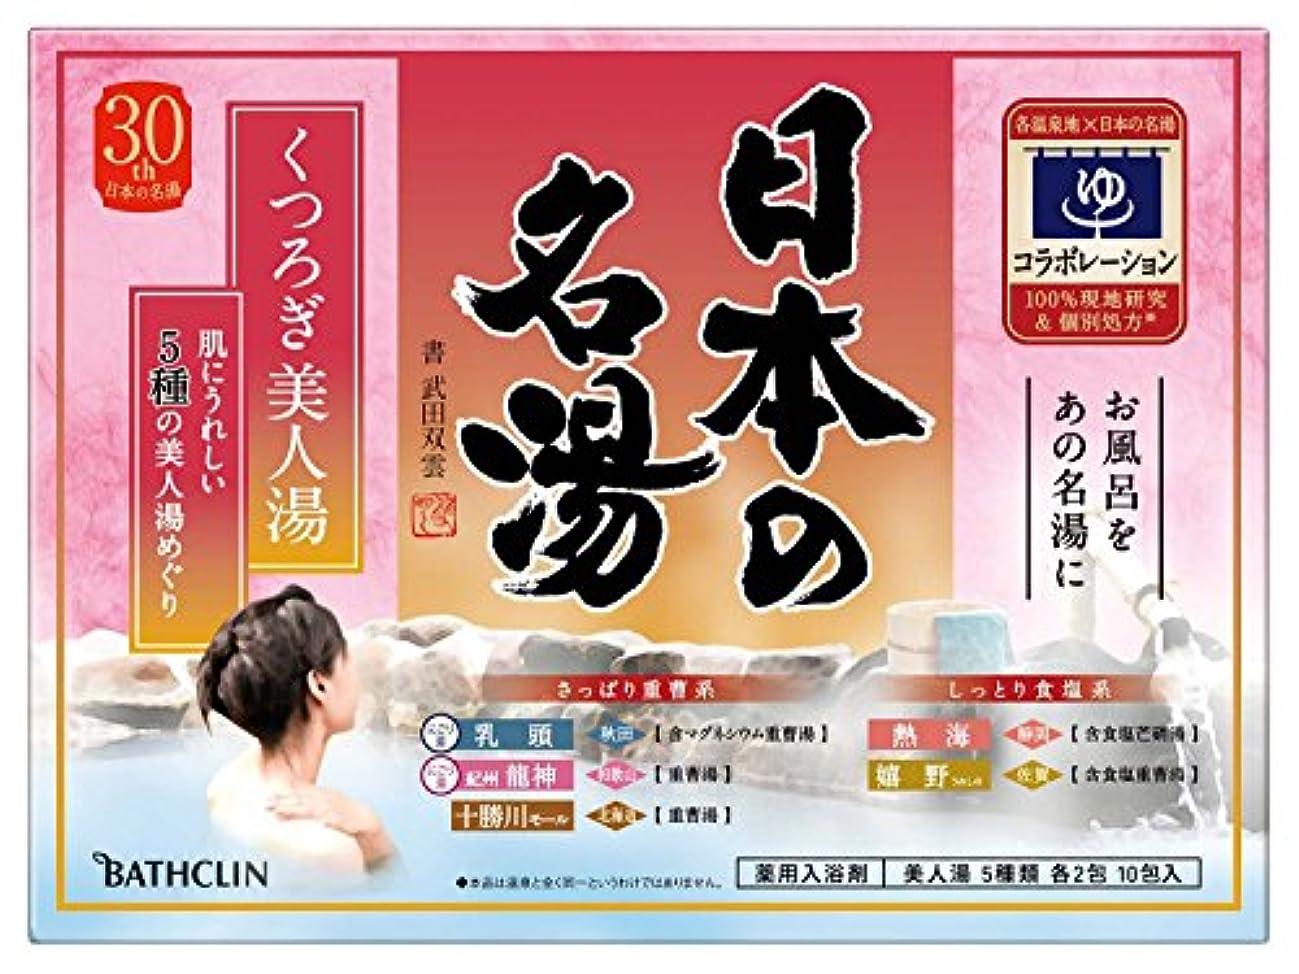 ビザ空港レベル【医薬部外品】日本の名湯入浴剤 くつろぎ美人湯 30g ×10包 個包装 詰め合わせ 温泉タイプ